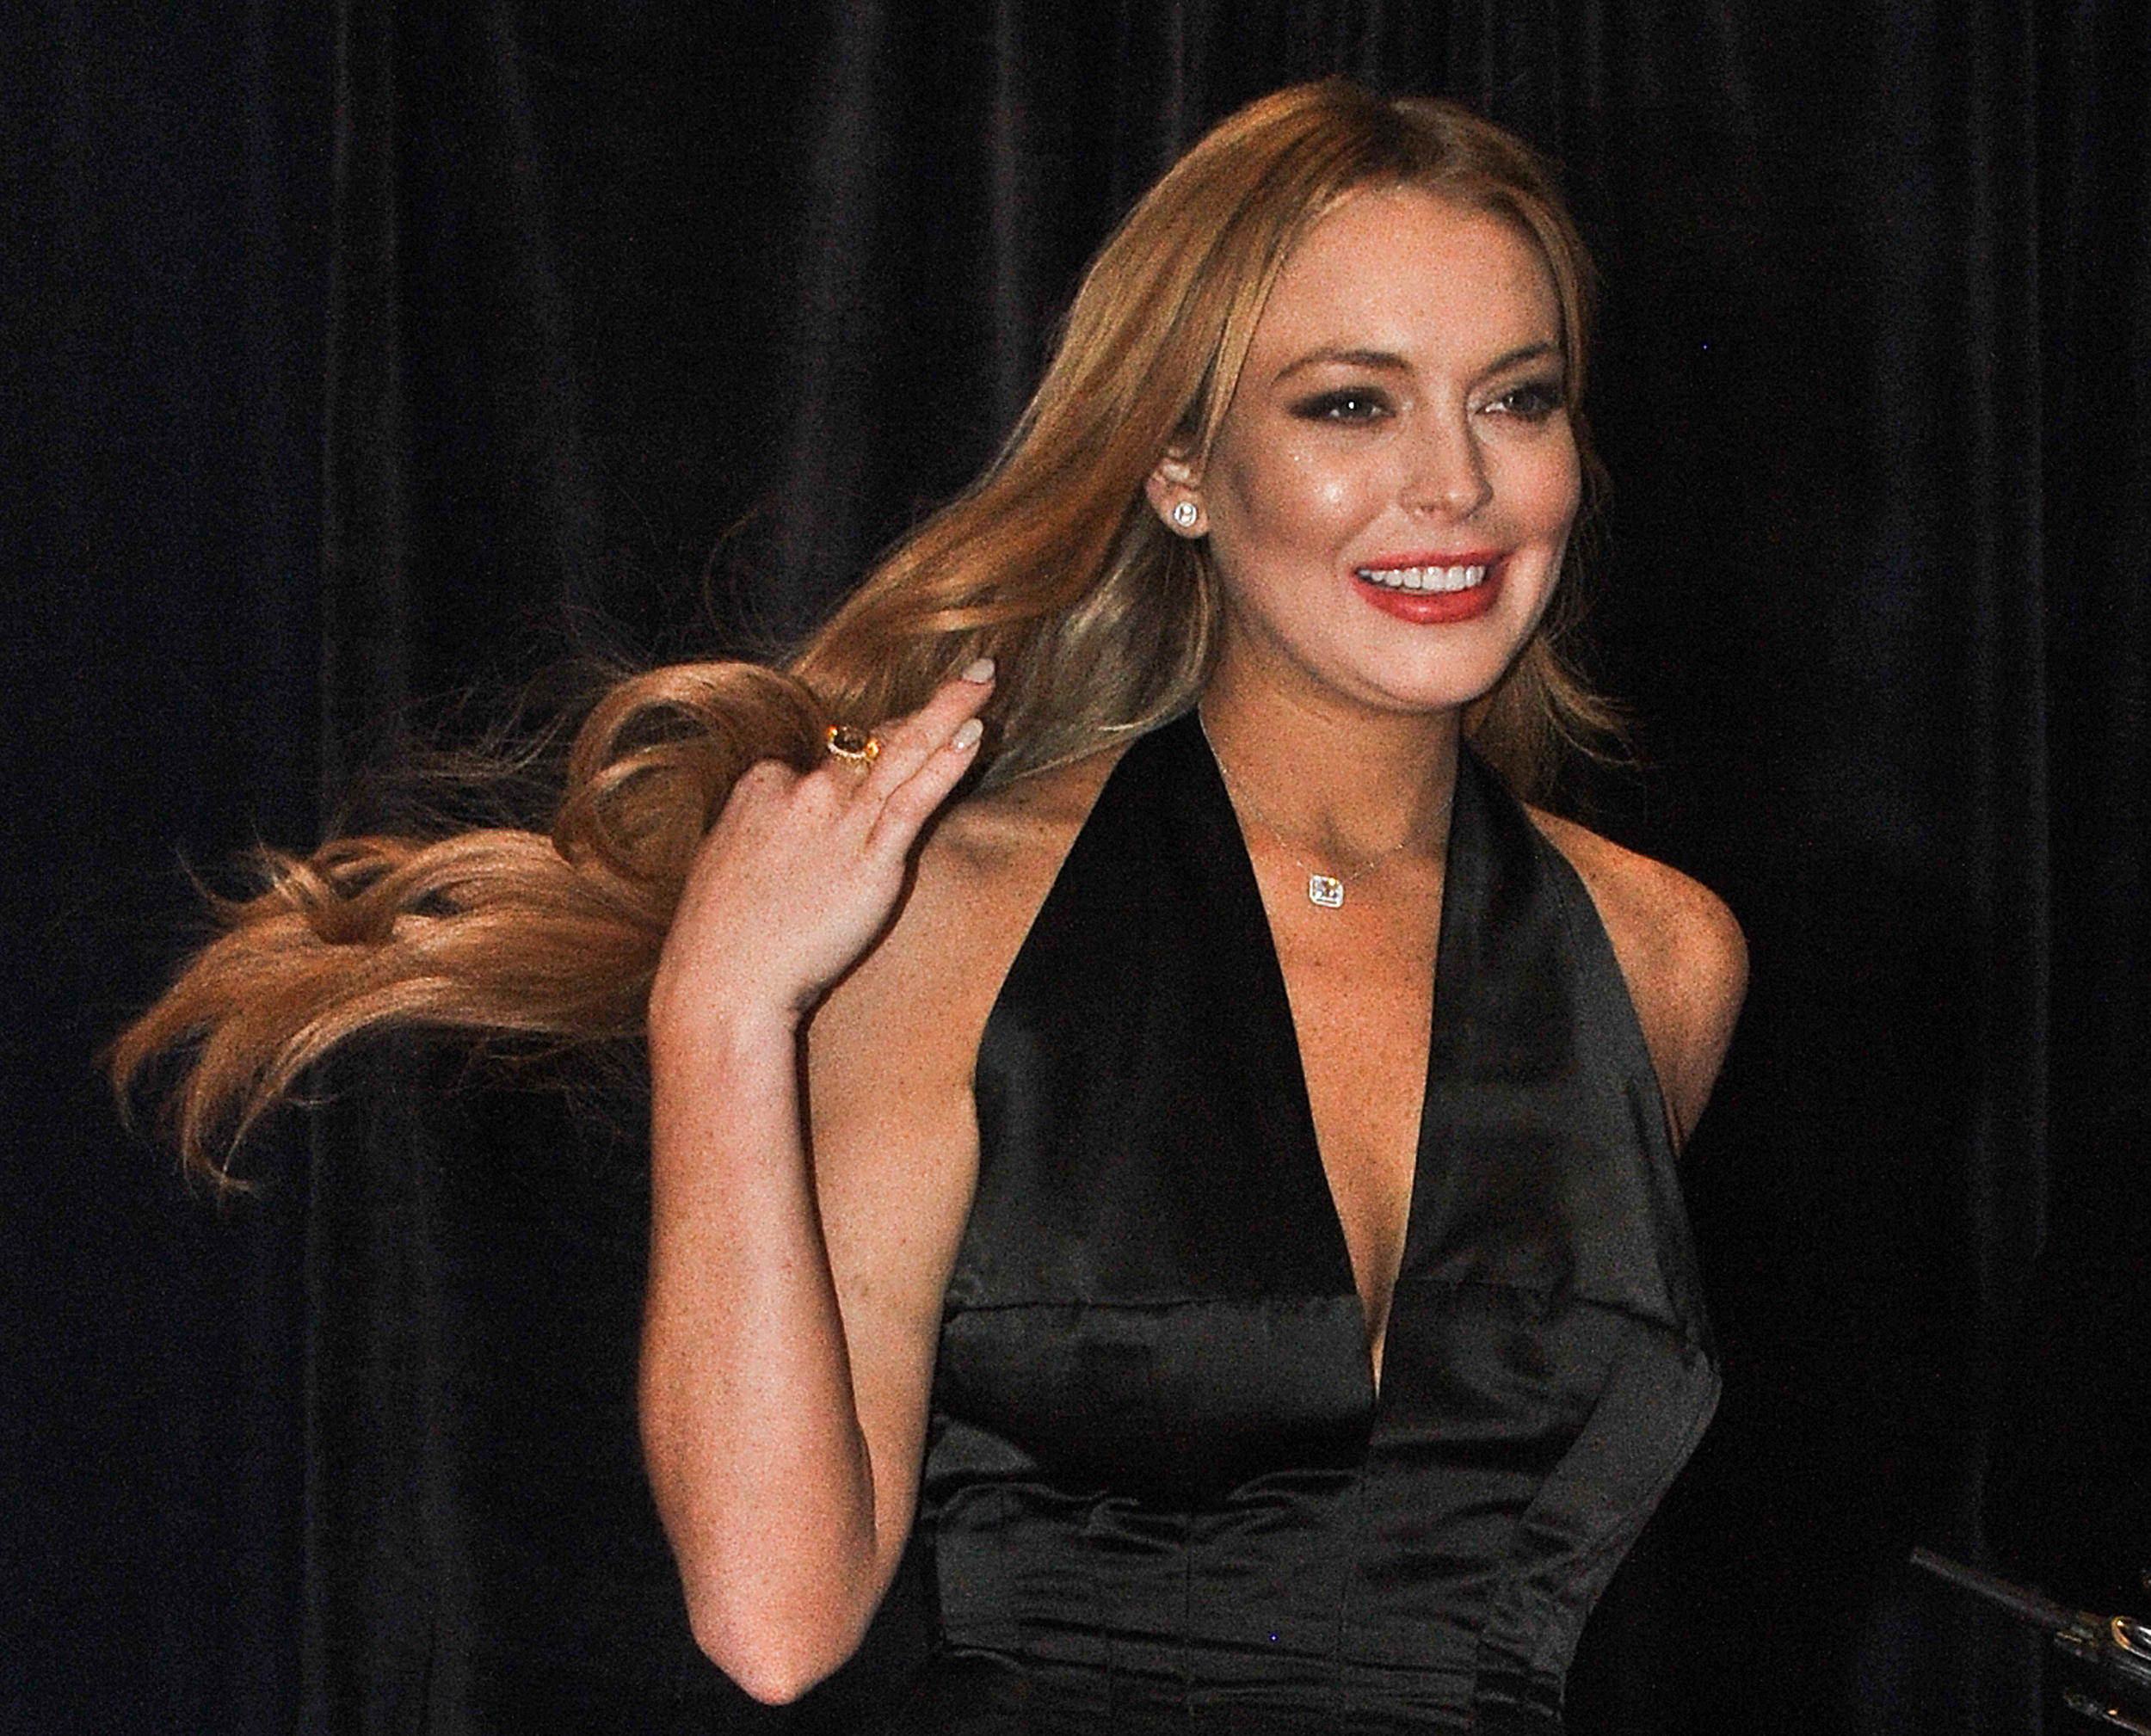 [75+] Lindsay Lohan Wallpapers on WallpaperSafari